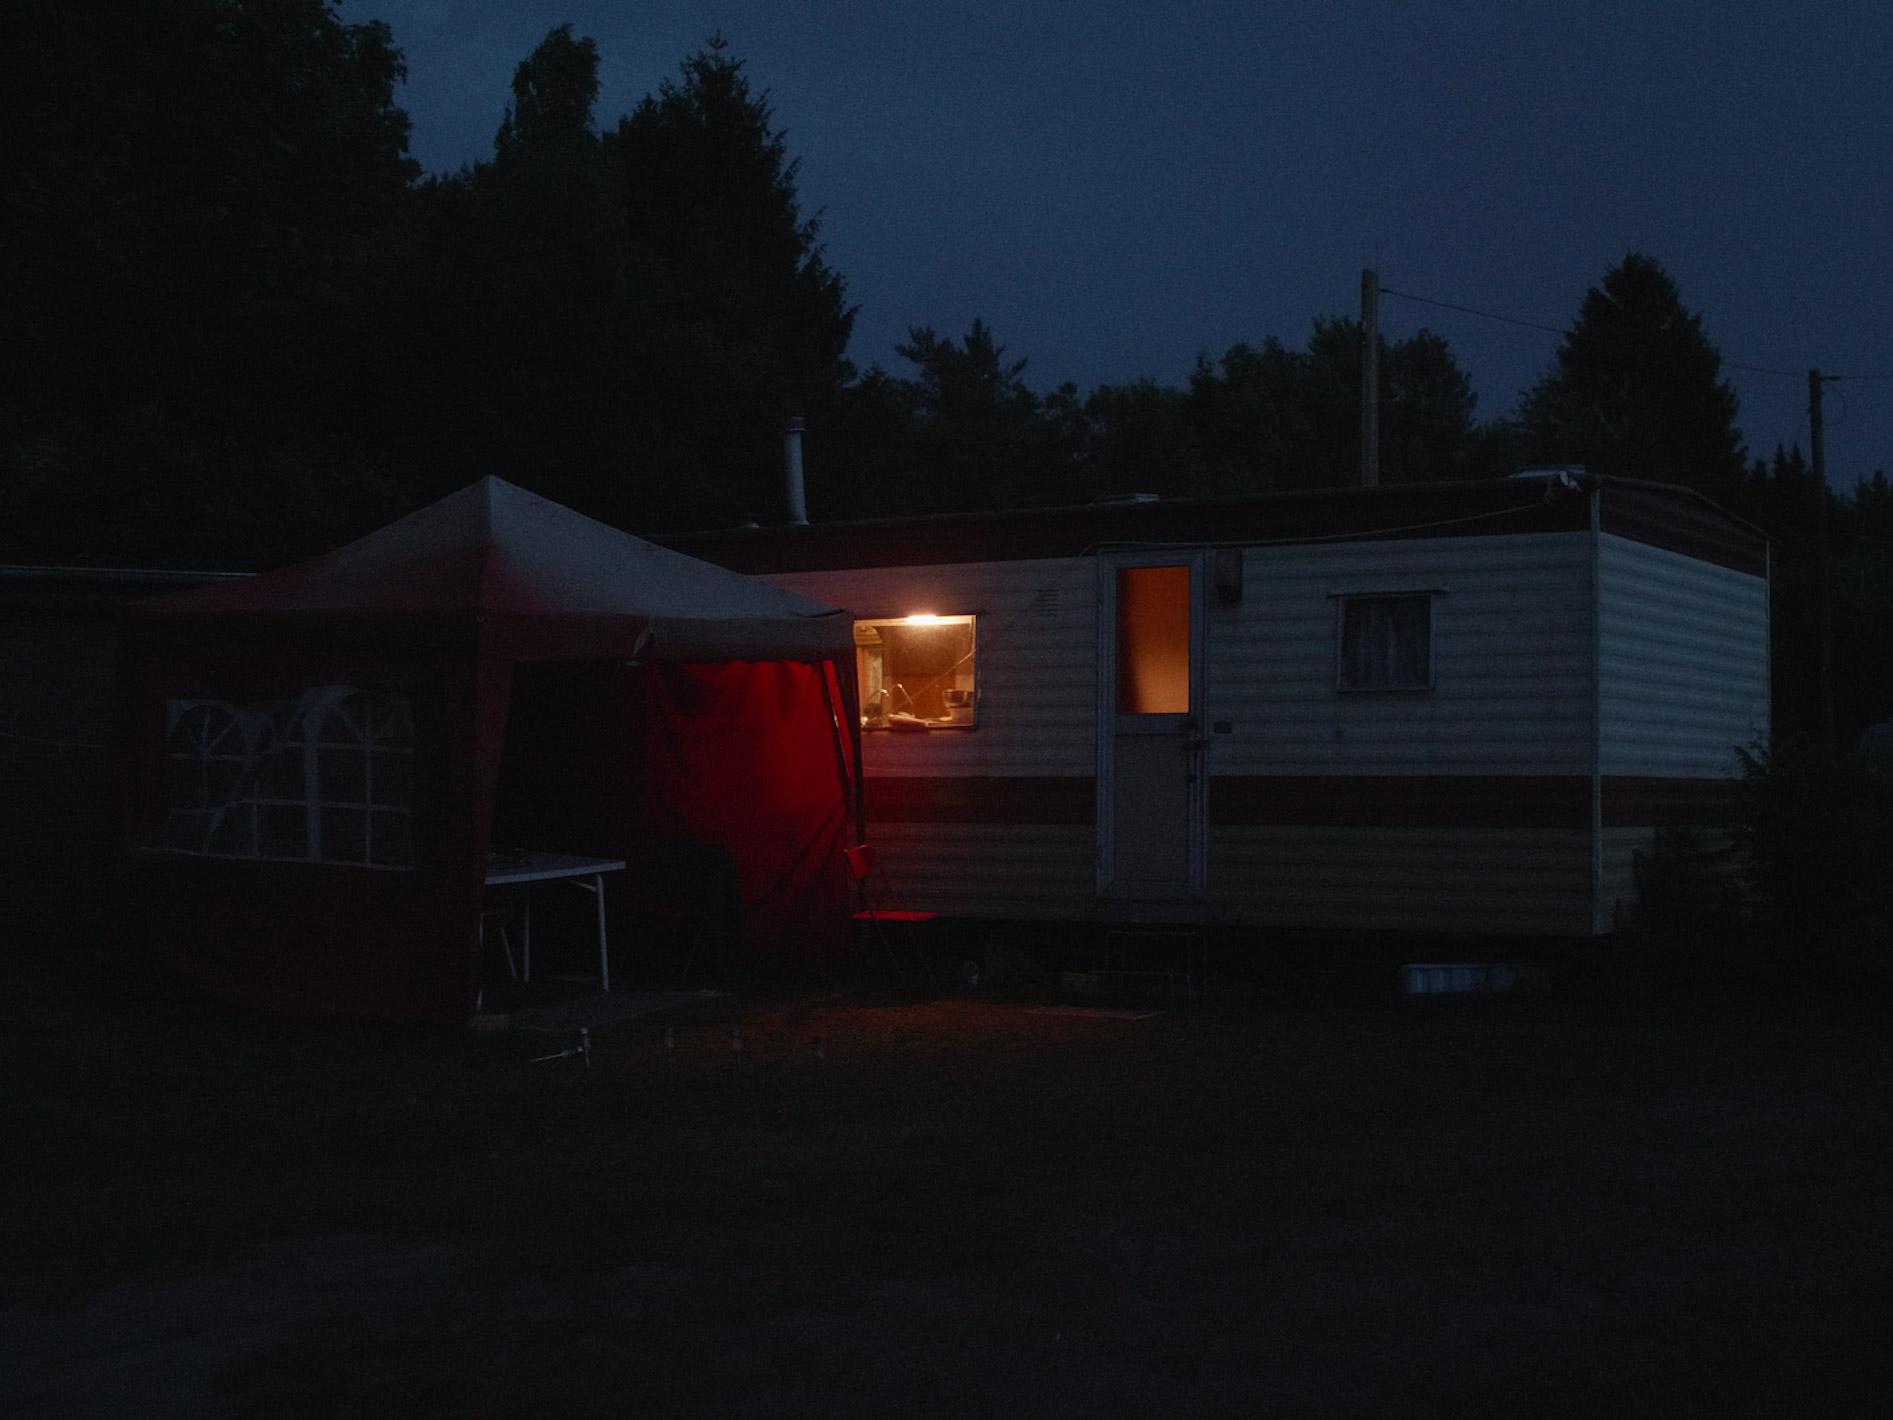 Regeln am Band, mit hoher Geschwindigkeit - osteuropäische LeiharbeiterInnen - Leben im Wohnwagen